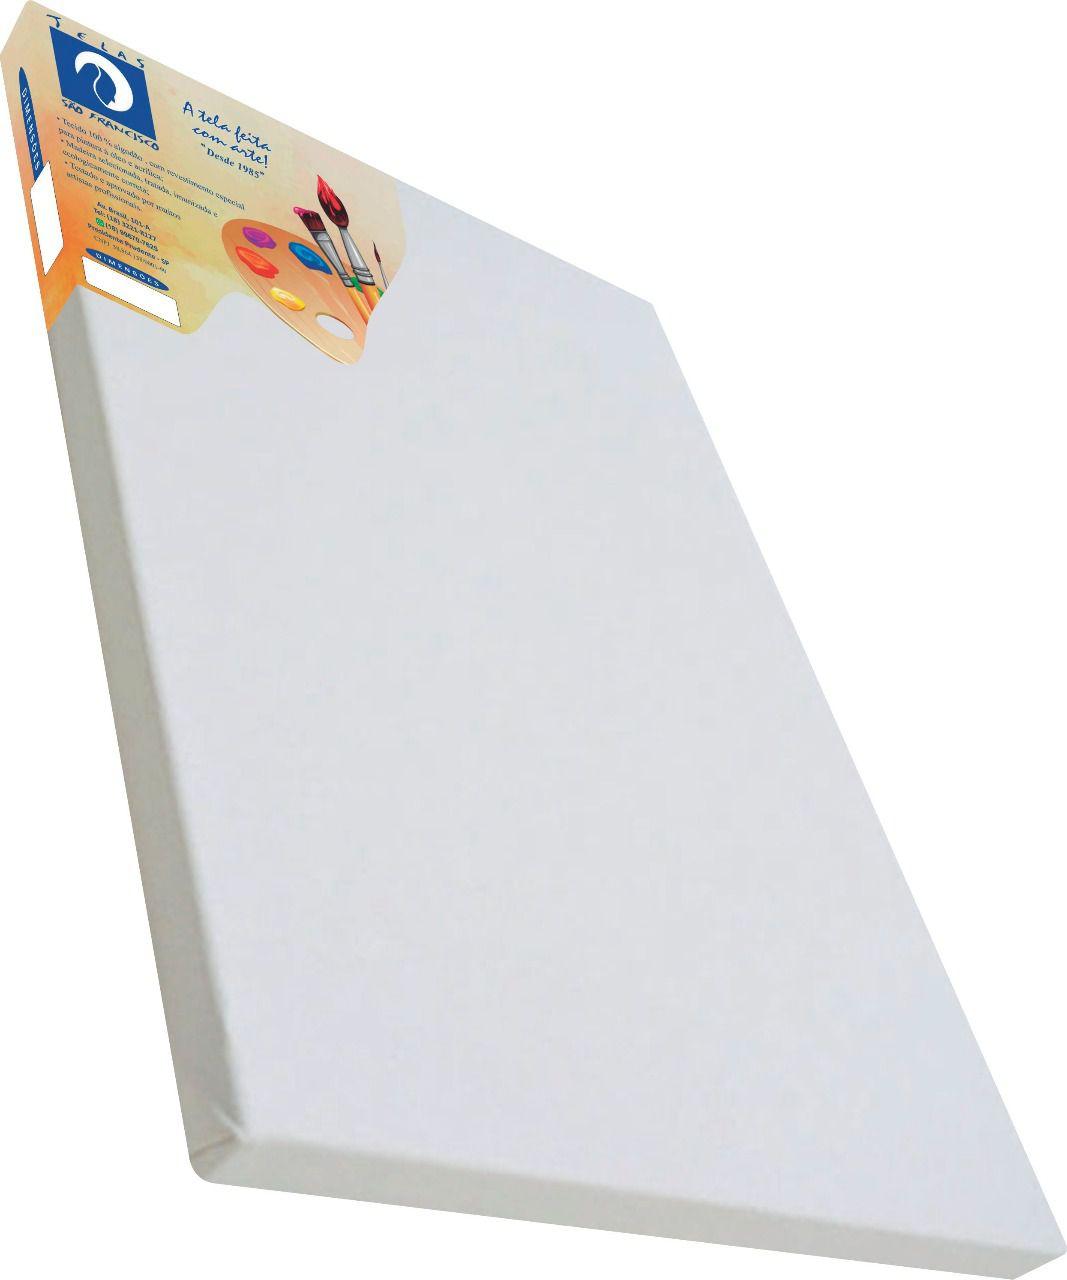 Tela comum para pintura 18x24cm - São Francisco